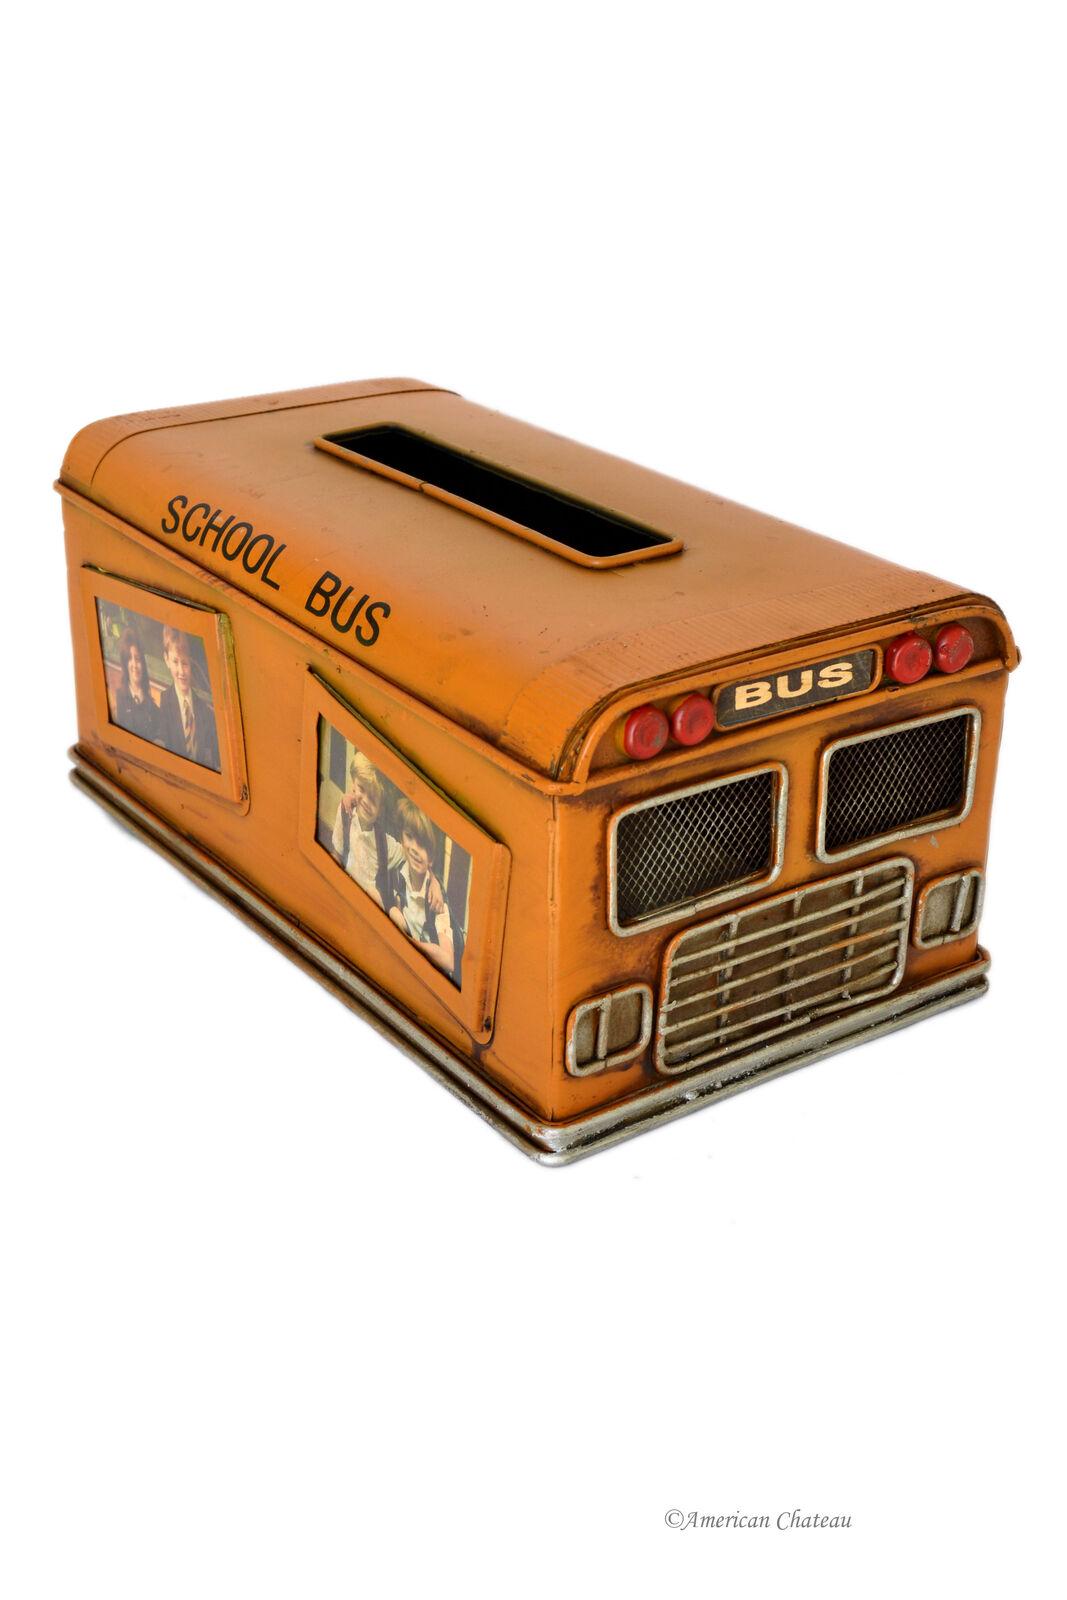 Vintage School Bus Kleenex Tissue Dispenser Box Startseite Holder w  Photo Frames